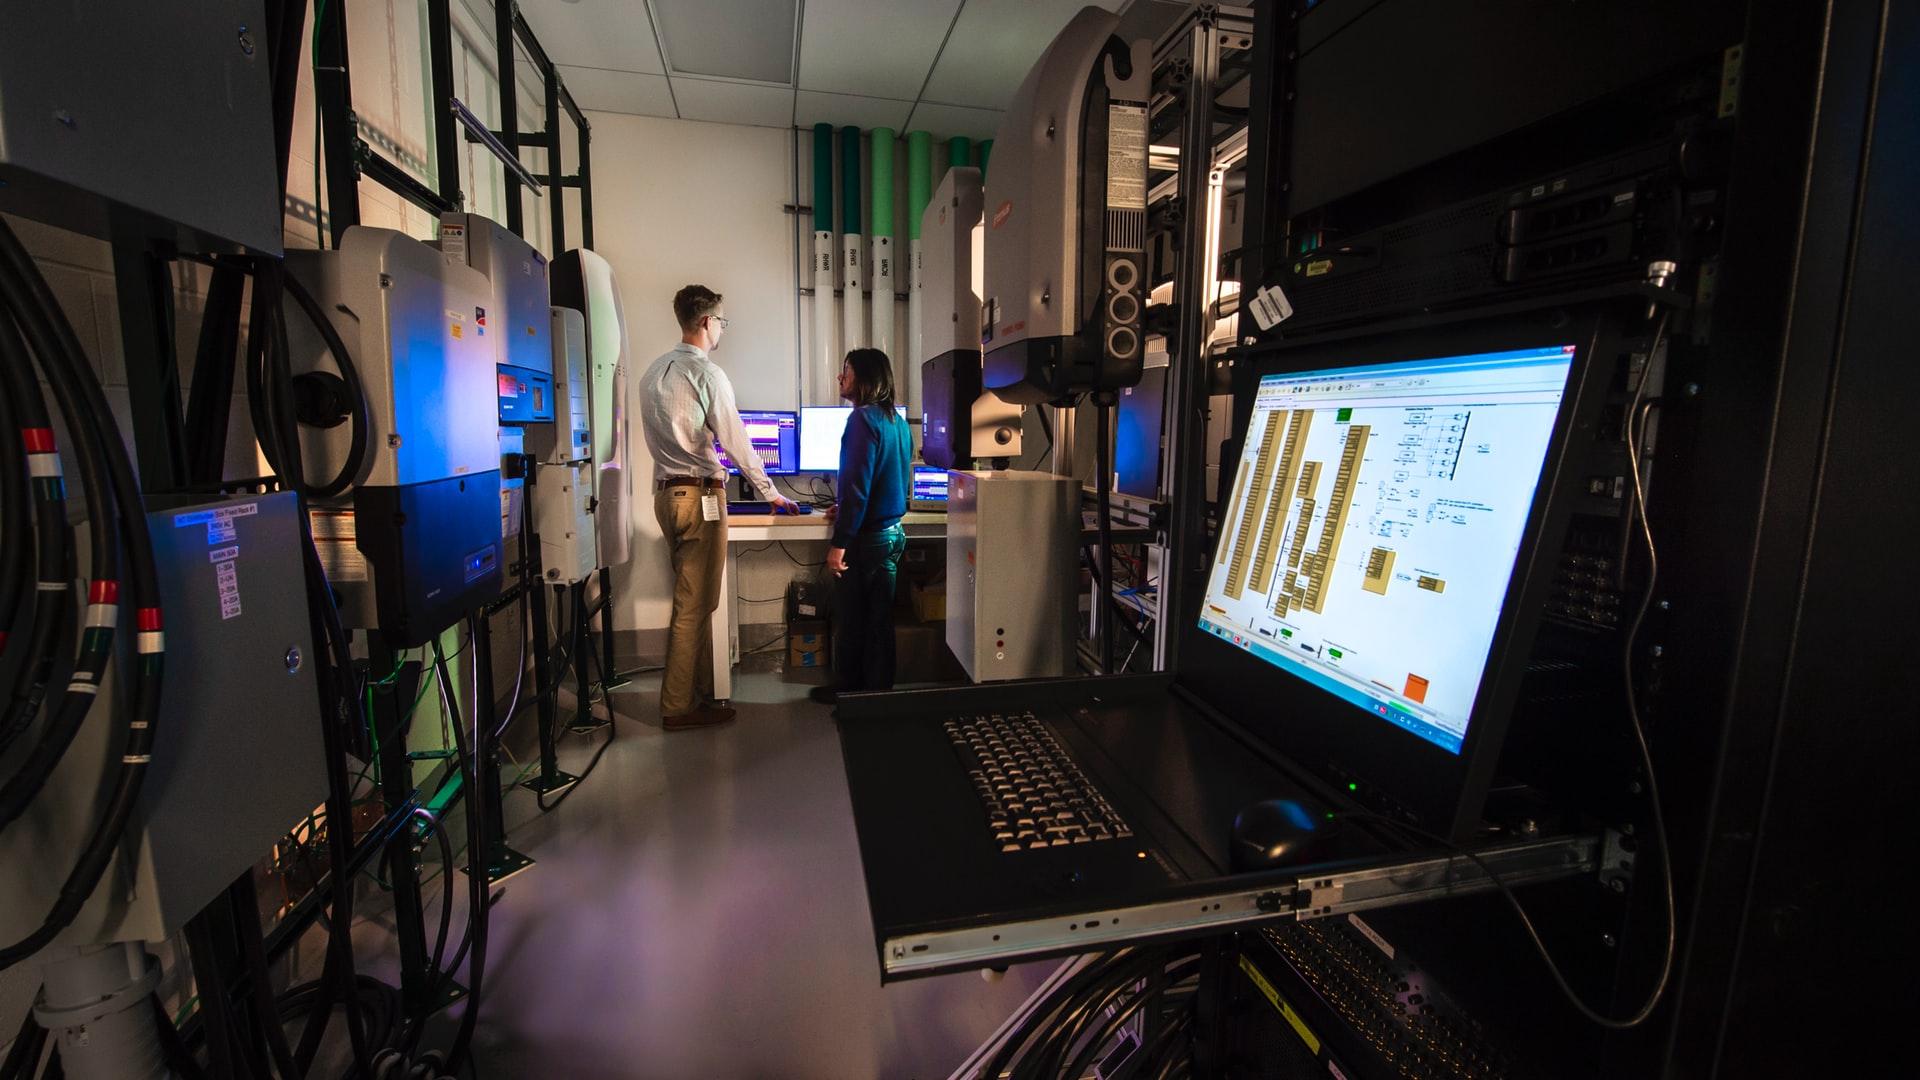 Коронавирус: Стартаперы напечатали на 3D-принтере реанимационные клапаны и спасли людей. Теперь им может грозить иск от производителя